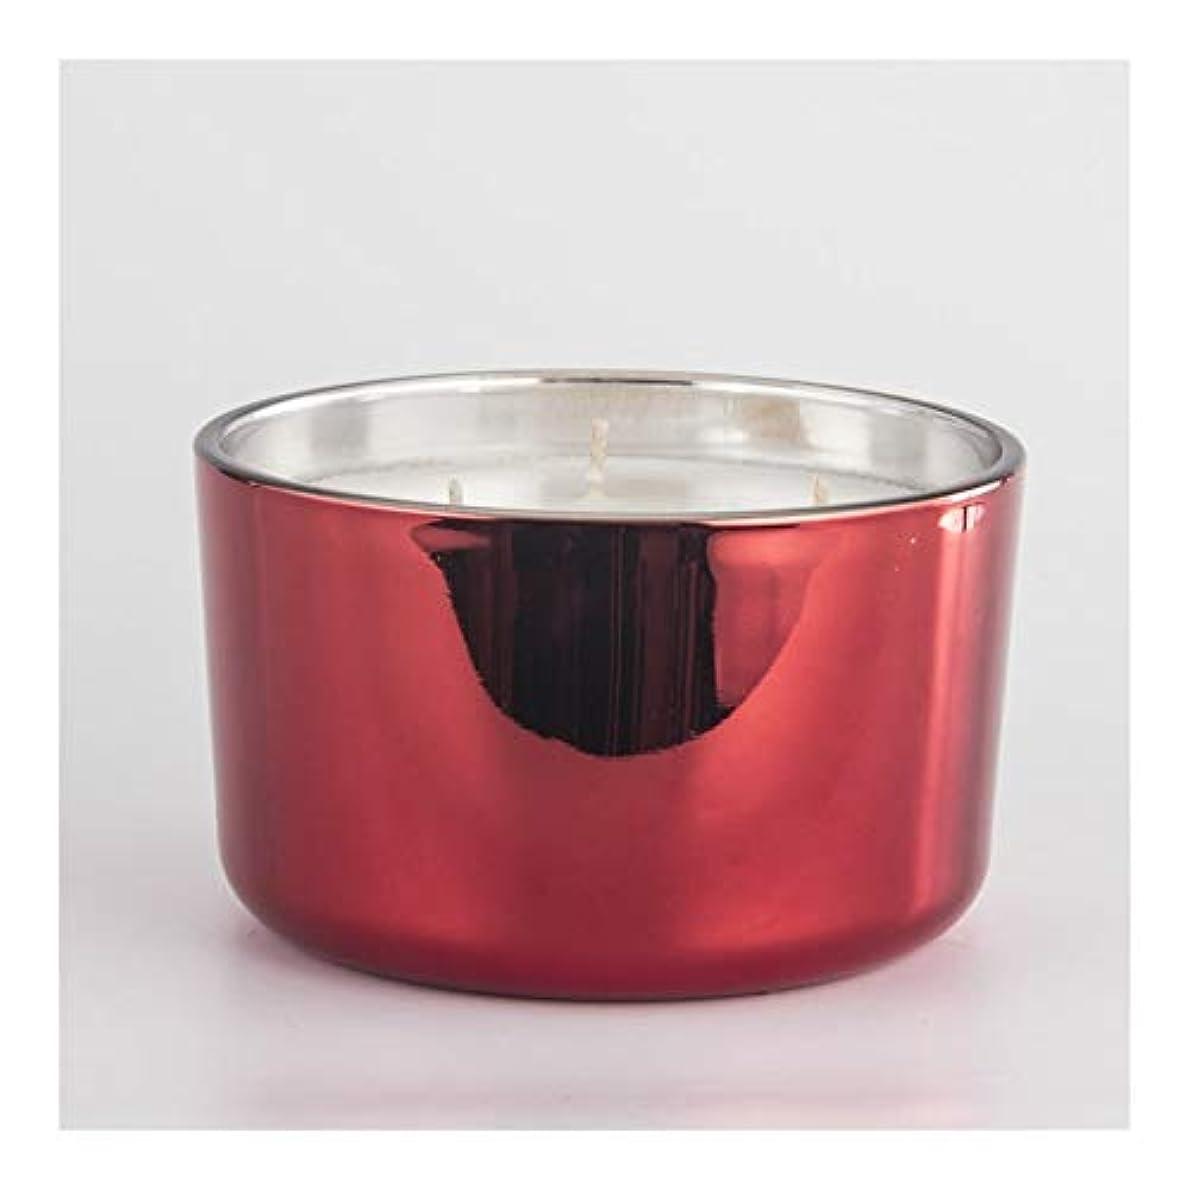 怪しいマキシムコンソールACAO キャンドルカップ香料入りキャンドル鉢植えワックスカップキャンドルカップ電着赤3芯カップガラスカップワックス